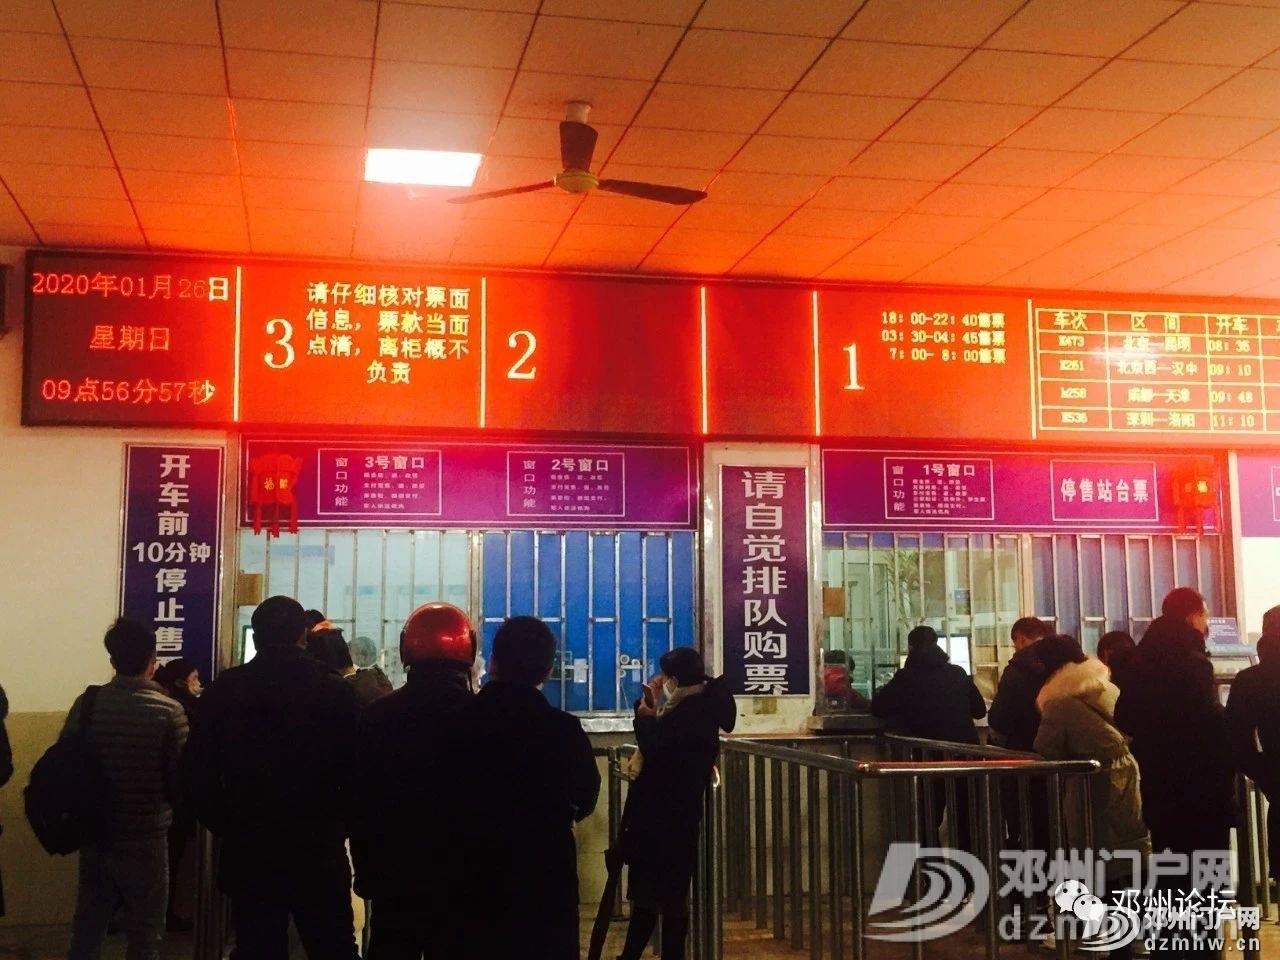 邓州火车站还能正常运行吗?这里有最新消息... - 邓州门户网|邓州网 - 3909859050b59ce48ccf92be5dcc6205.jpg